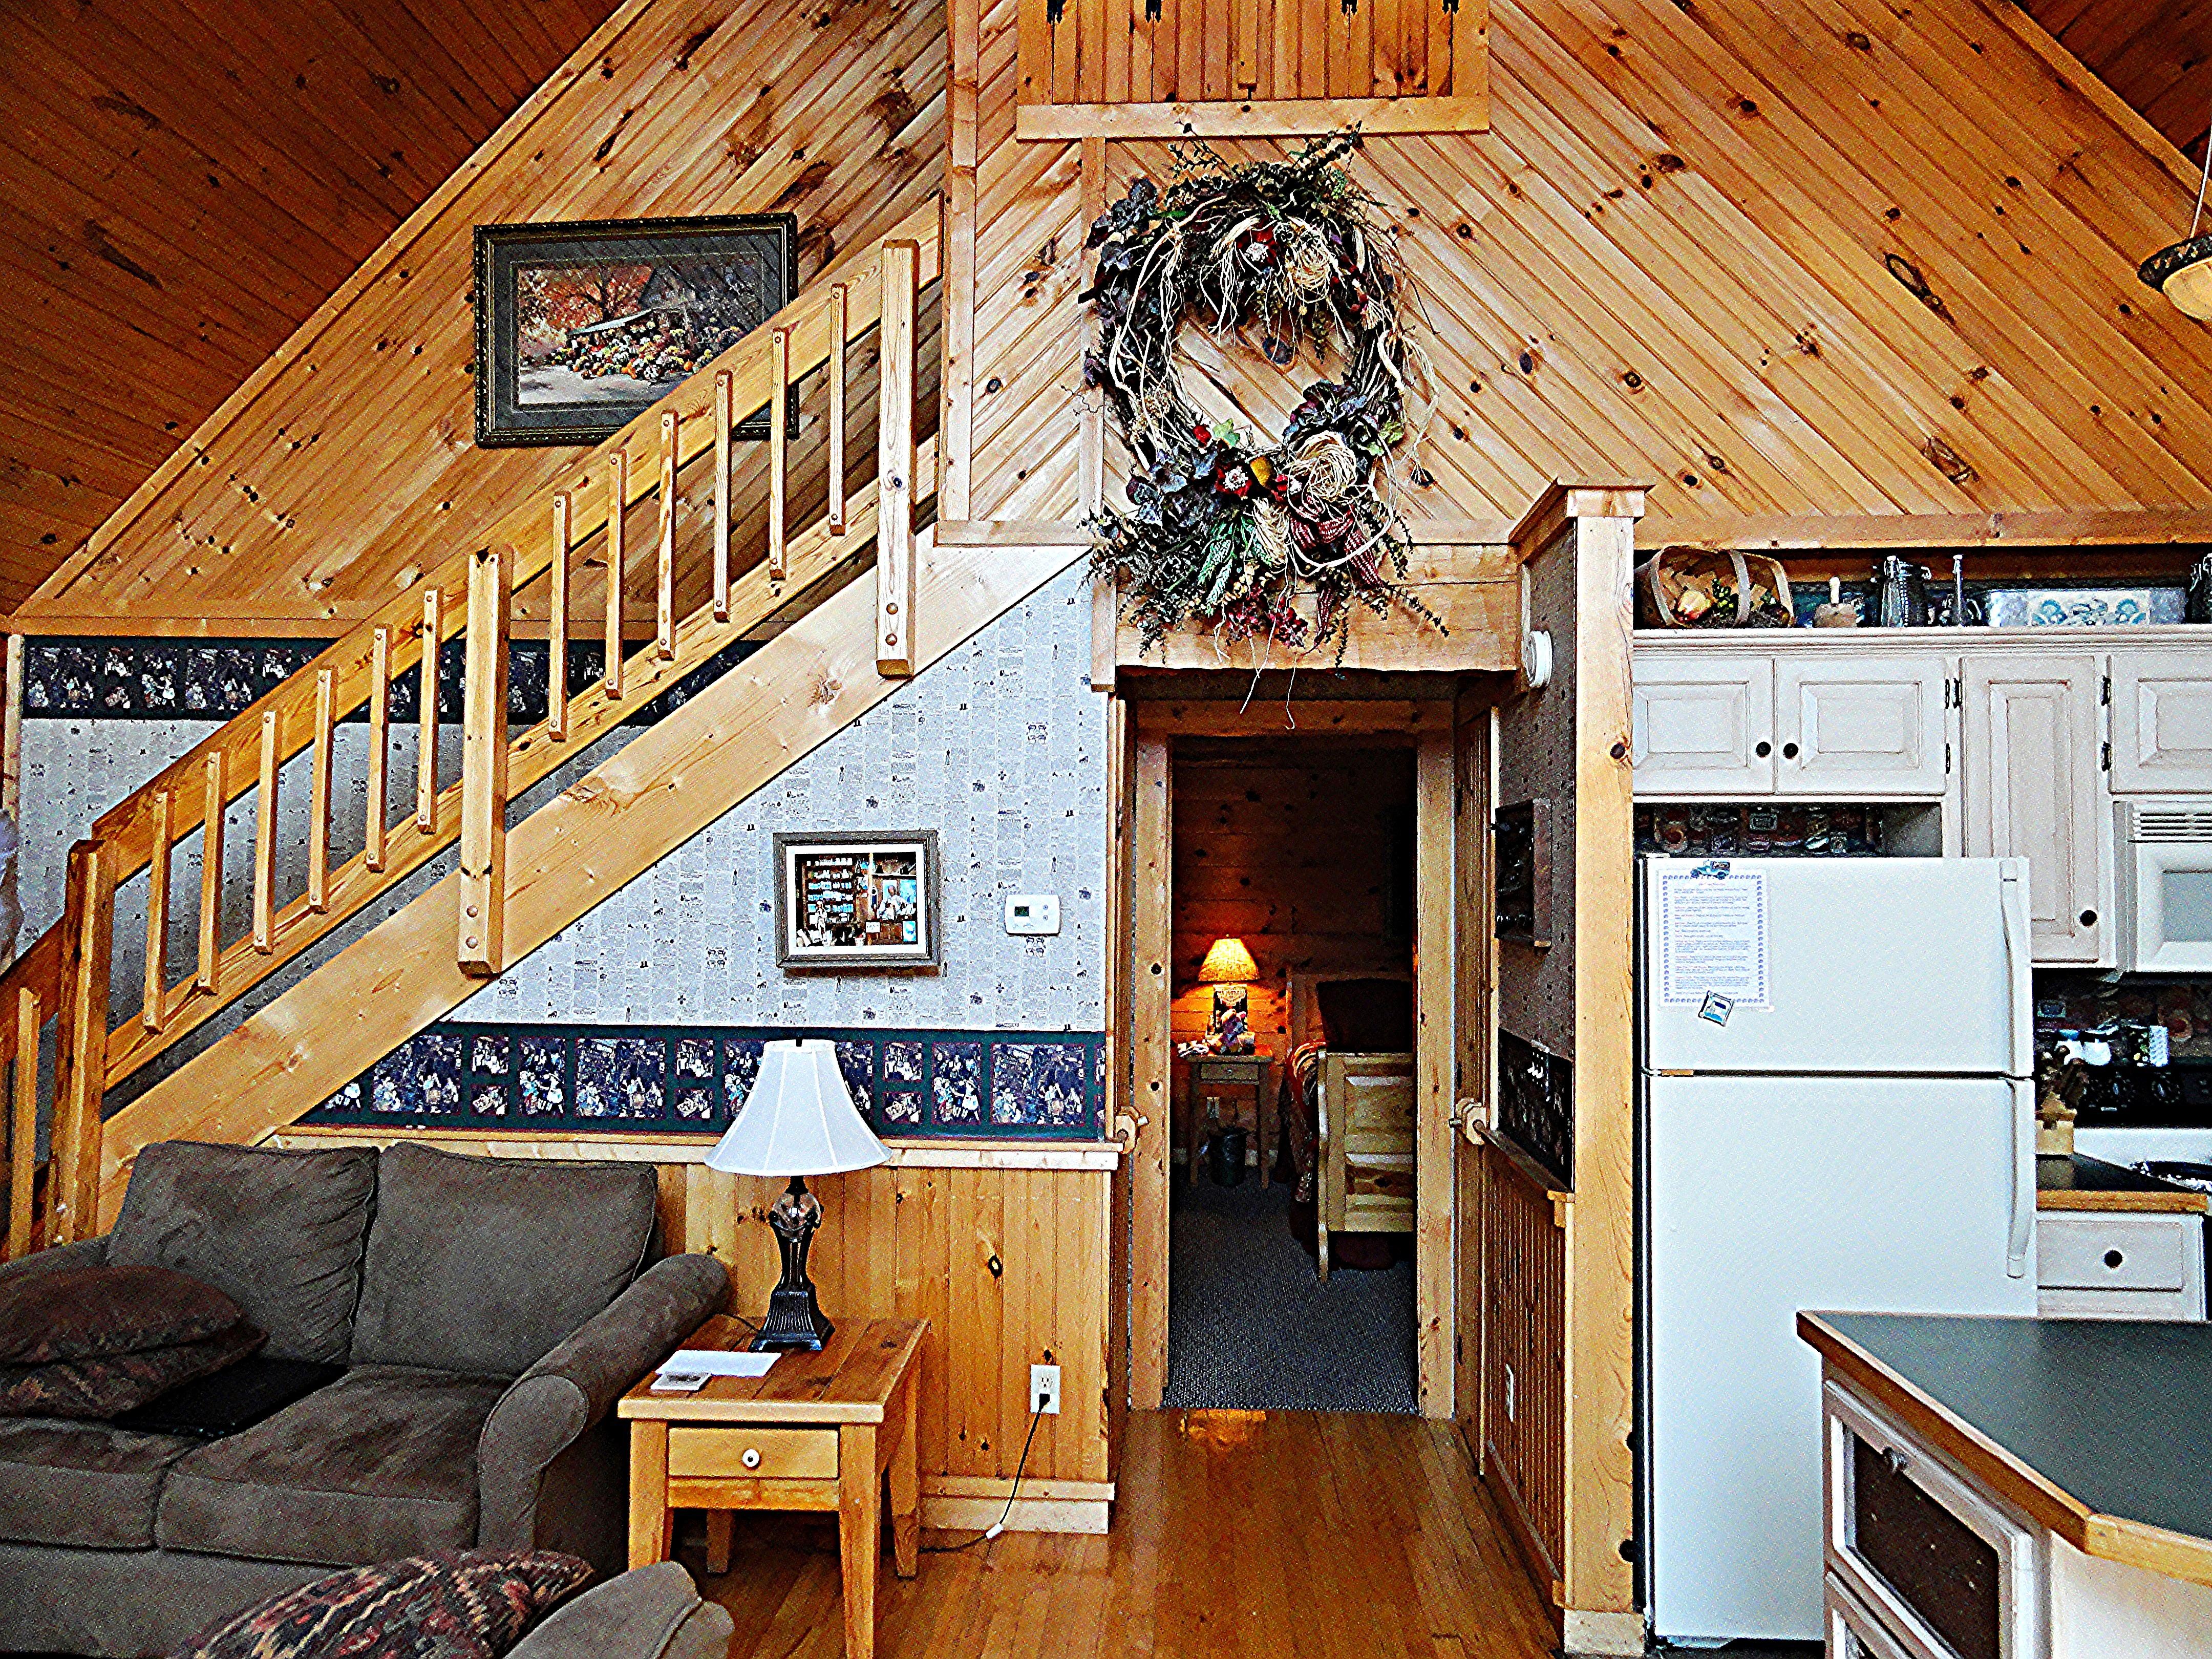 Kostenlose foto : Holz, Haus, Gebäude, Zuhause, Hütte, Eigentum ...